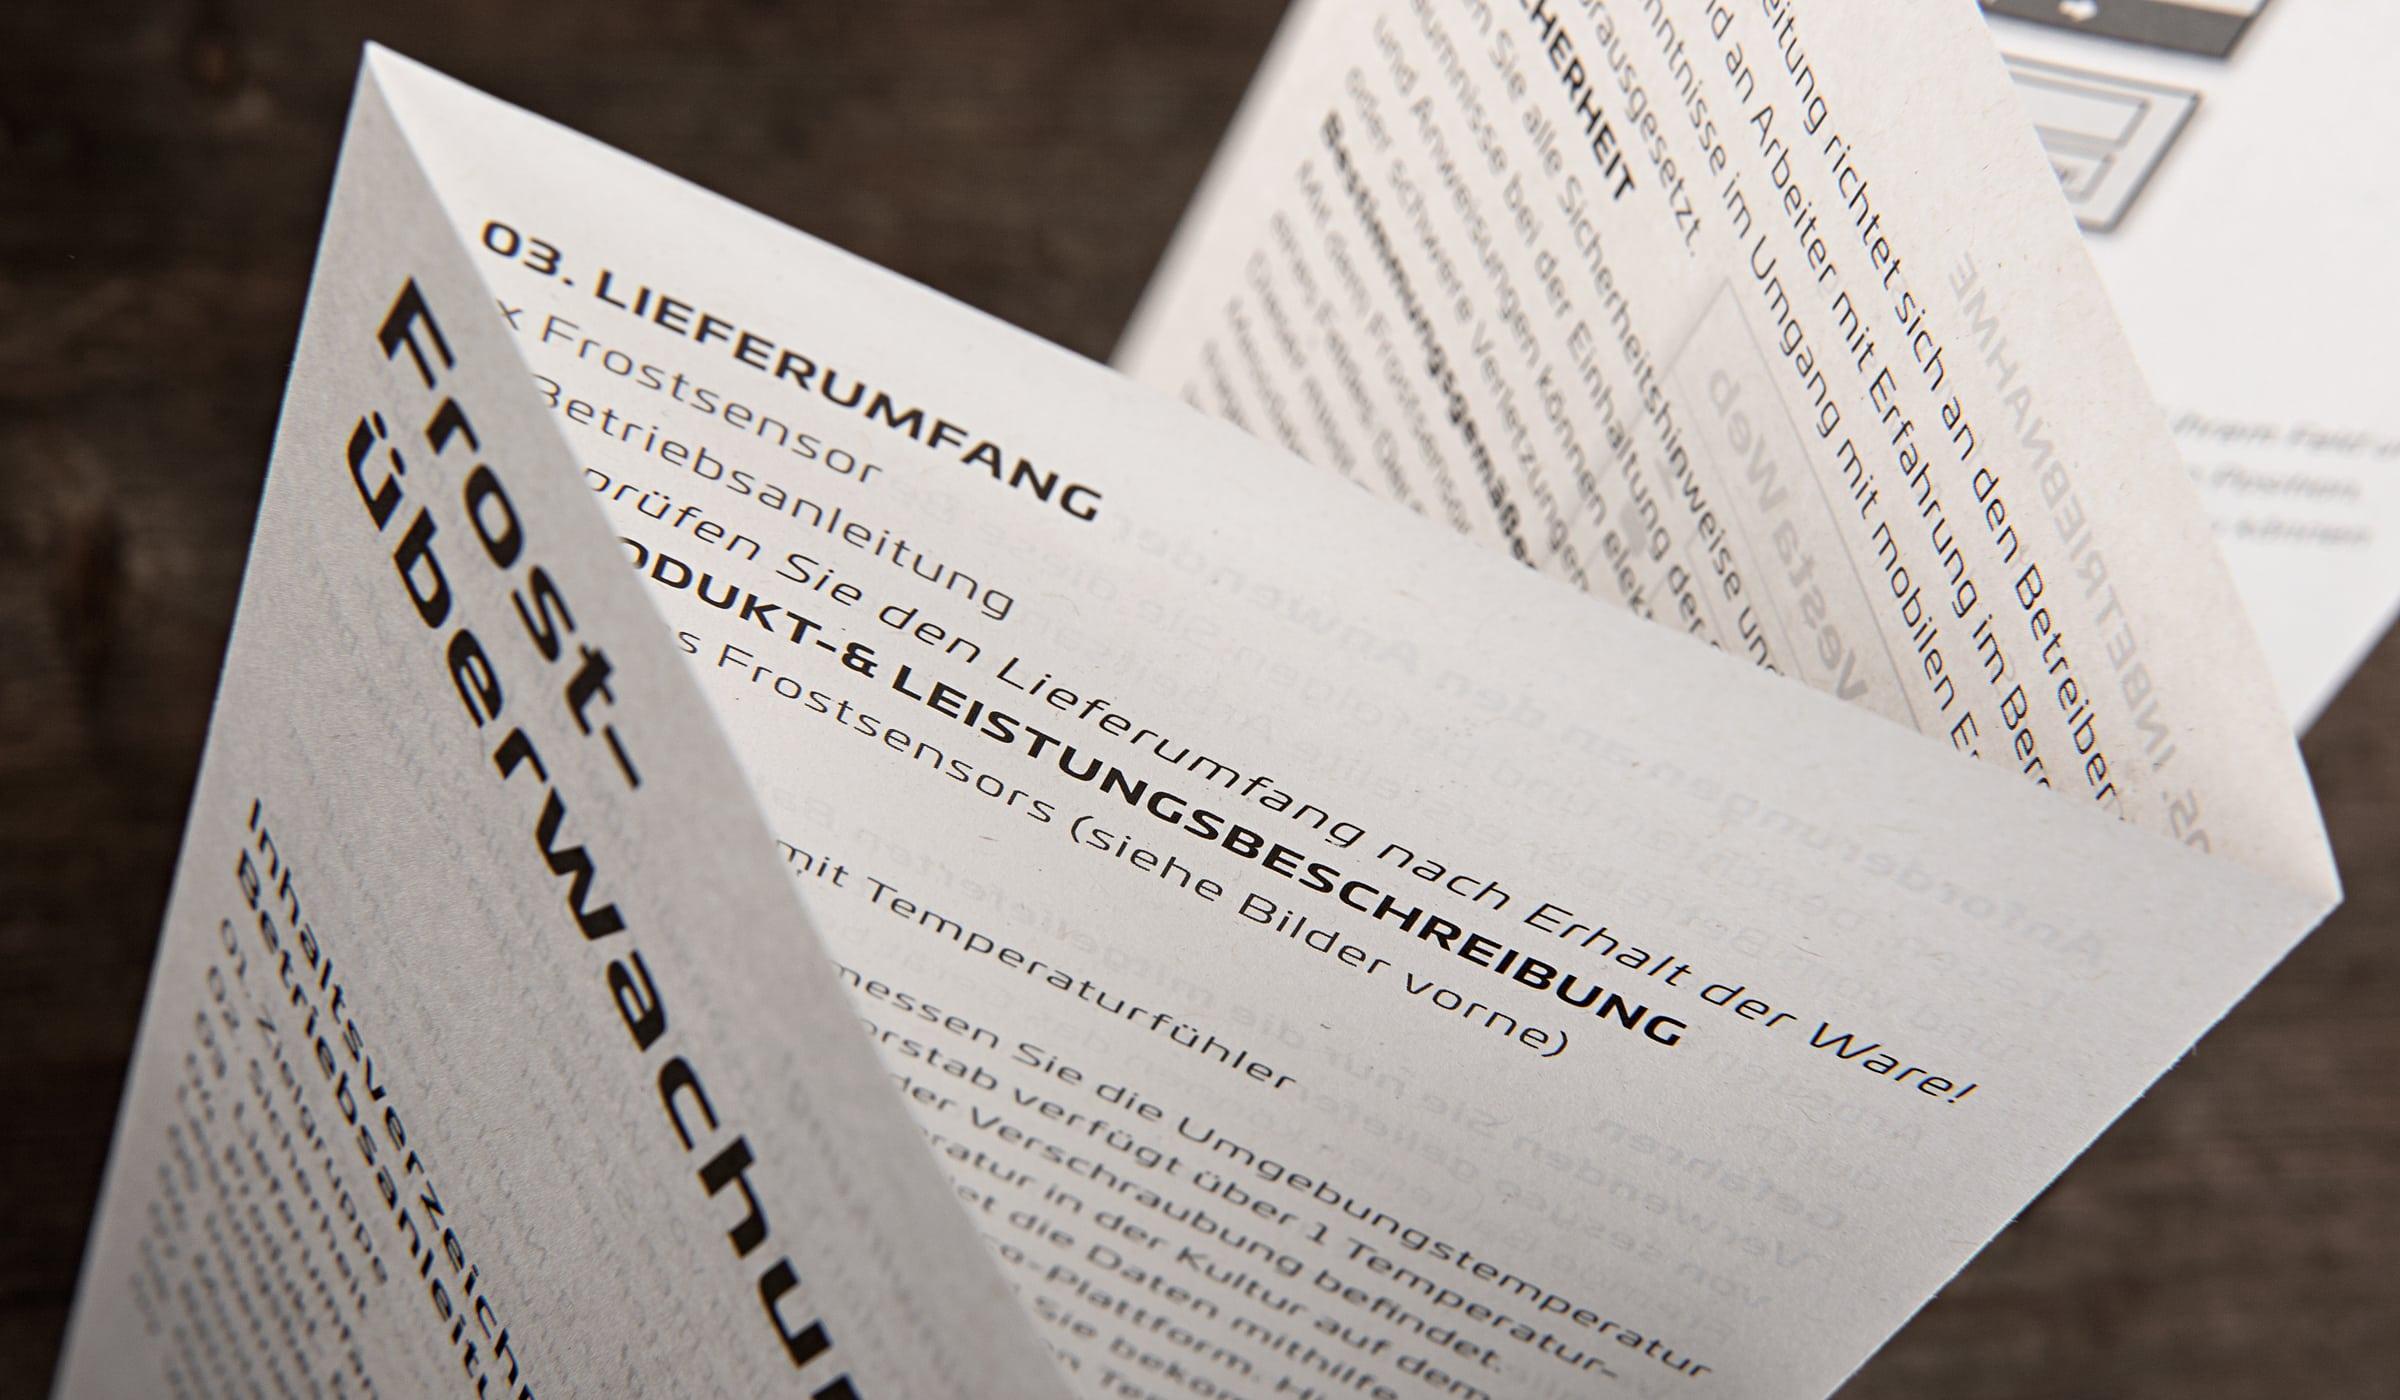 Branding für ein Start-up aus Luxembourg entwickelt durch die Designagentur mieker - Konzept Design Strategie. Detail der Bedienungsanleitungen aus Recyclingpapier mit leichter Graufärbung. Bestandteile des Branding: Grafikdesign, Brand- und Corporate Design, Packaging Design, Logodesign, Werbemittel und Werbung. Regionen: Luxembourg, Saarbrücken, Trier, Koblenz, Mannheim.